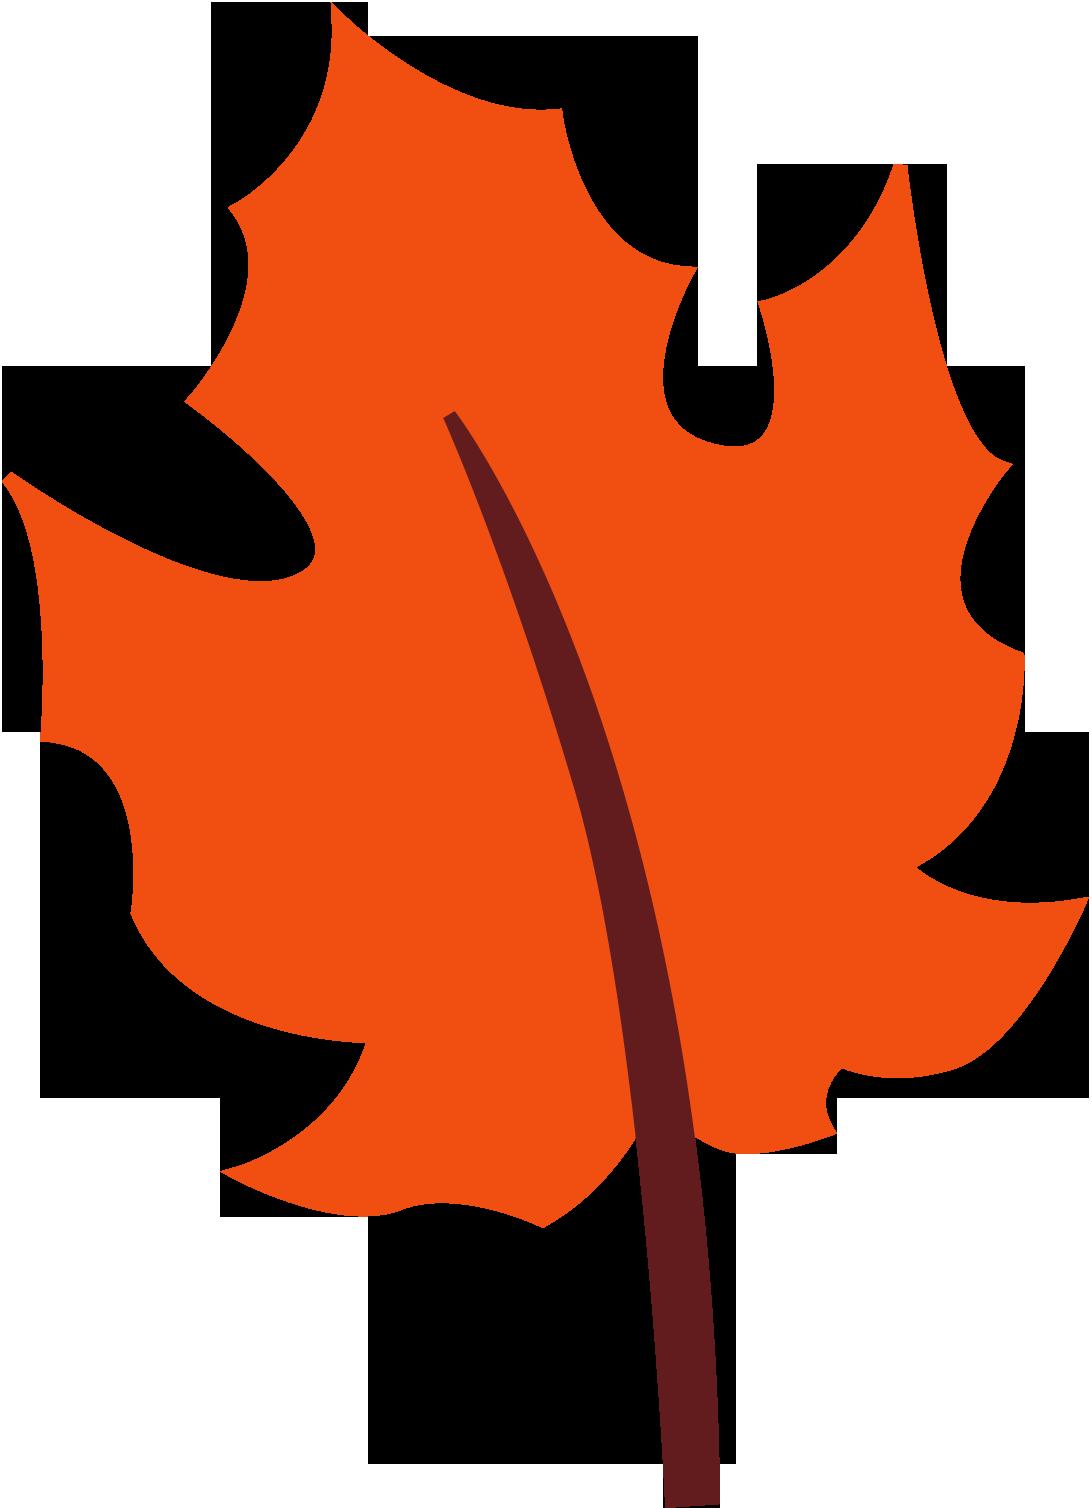 1092x1508 Cute Fall Leaves Clipart